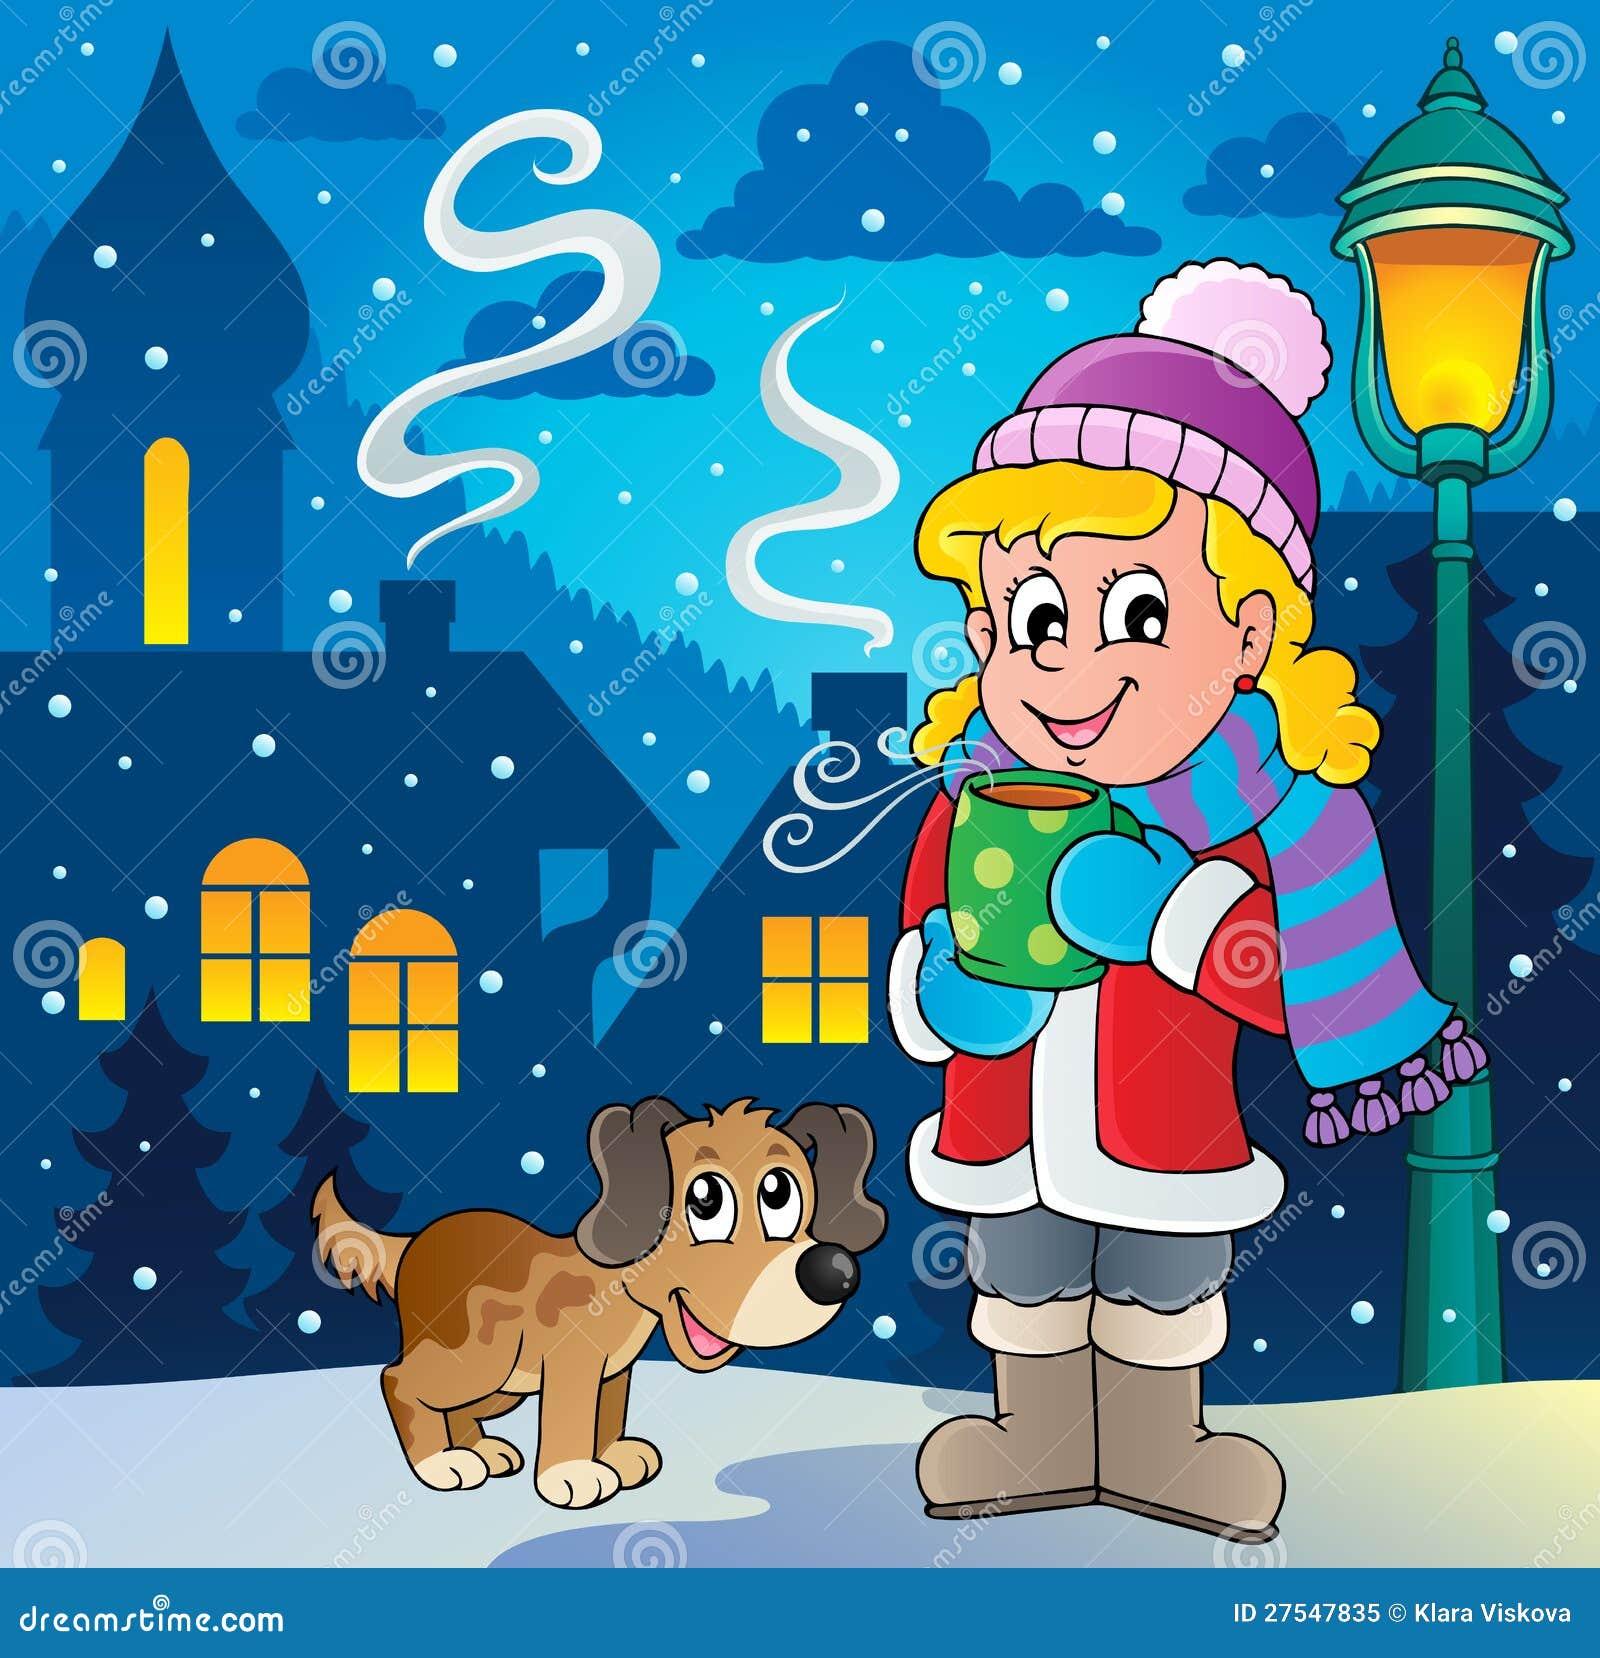 Image 2 de dessin anim de personne de l 39 hiver illustration de vecteur illustration du chapeau - Dessin de l hiver ...